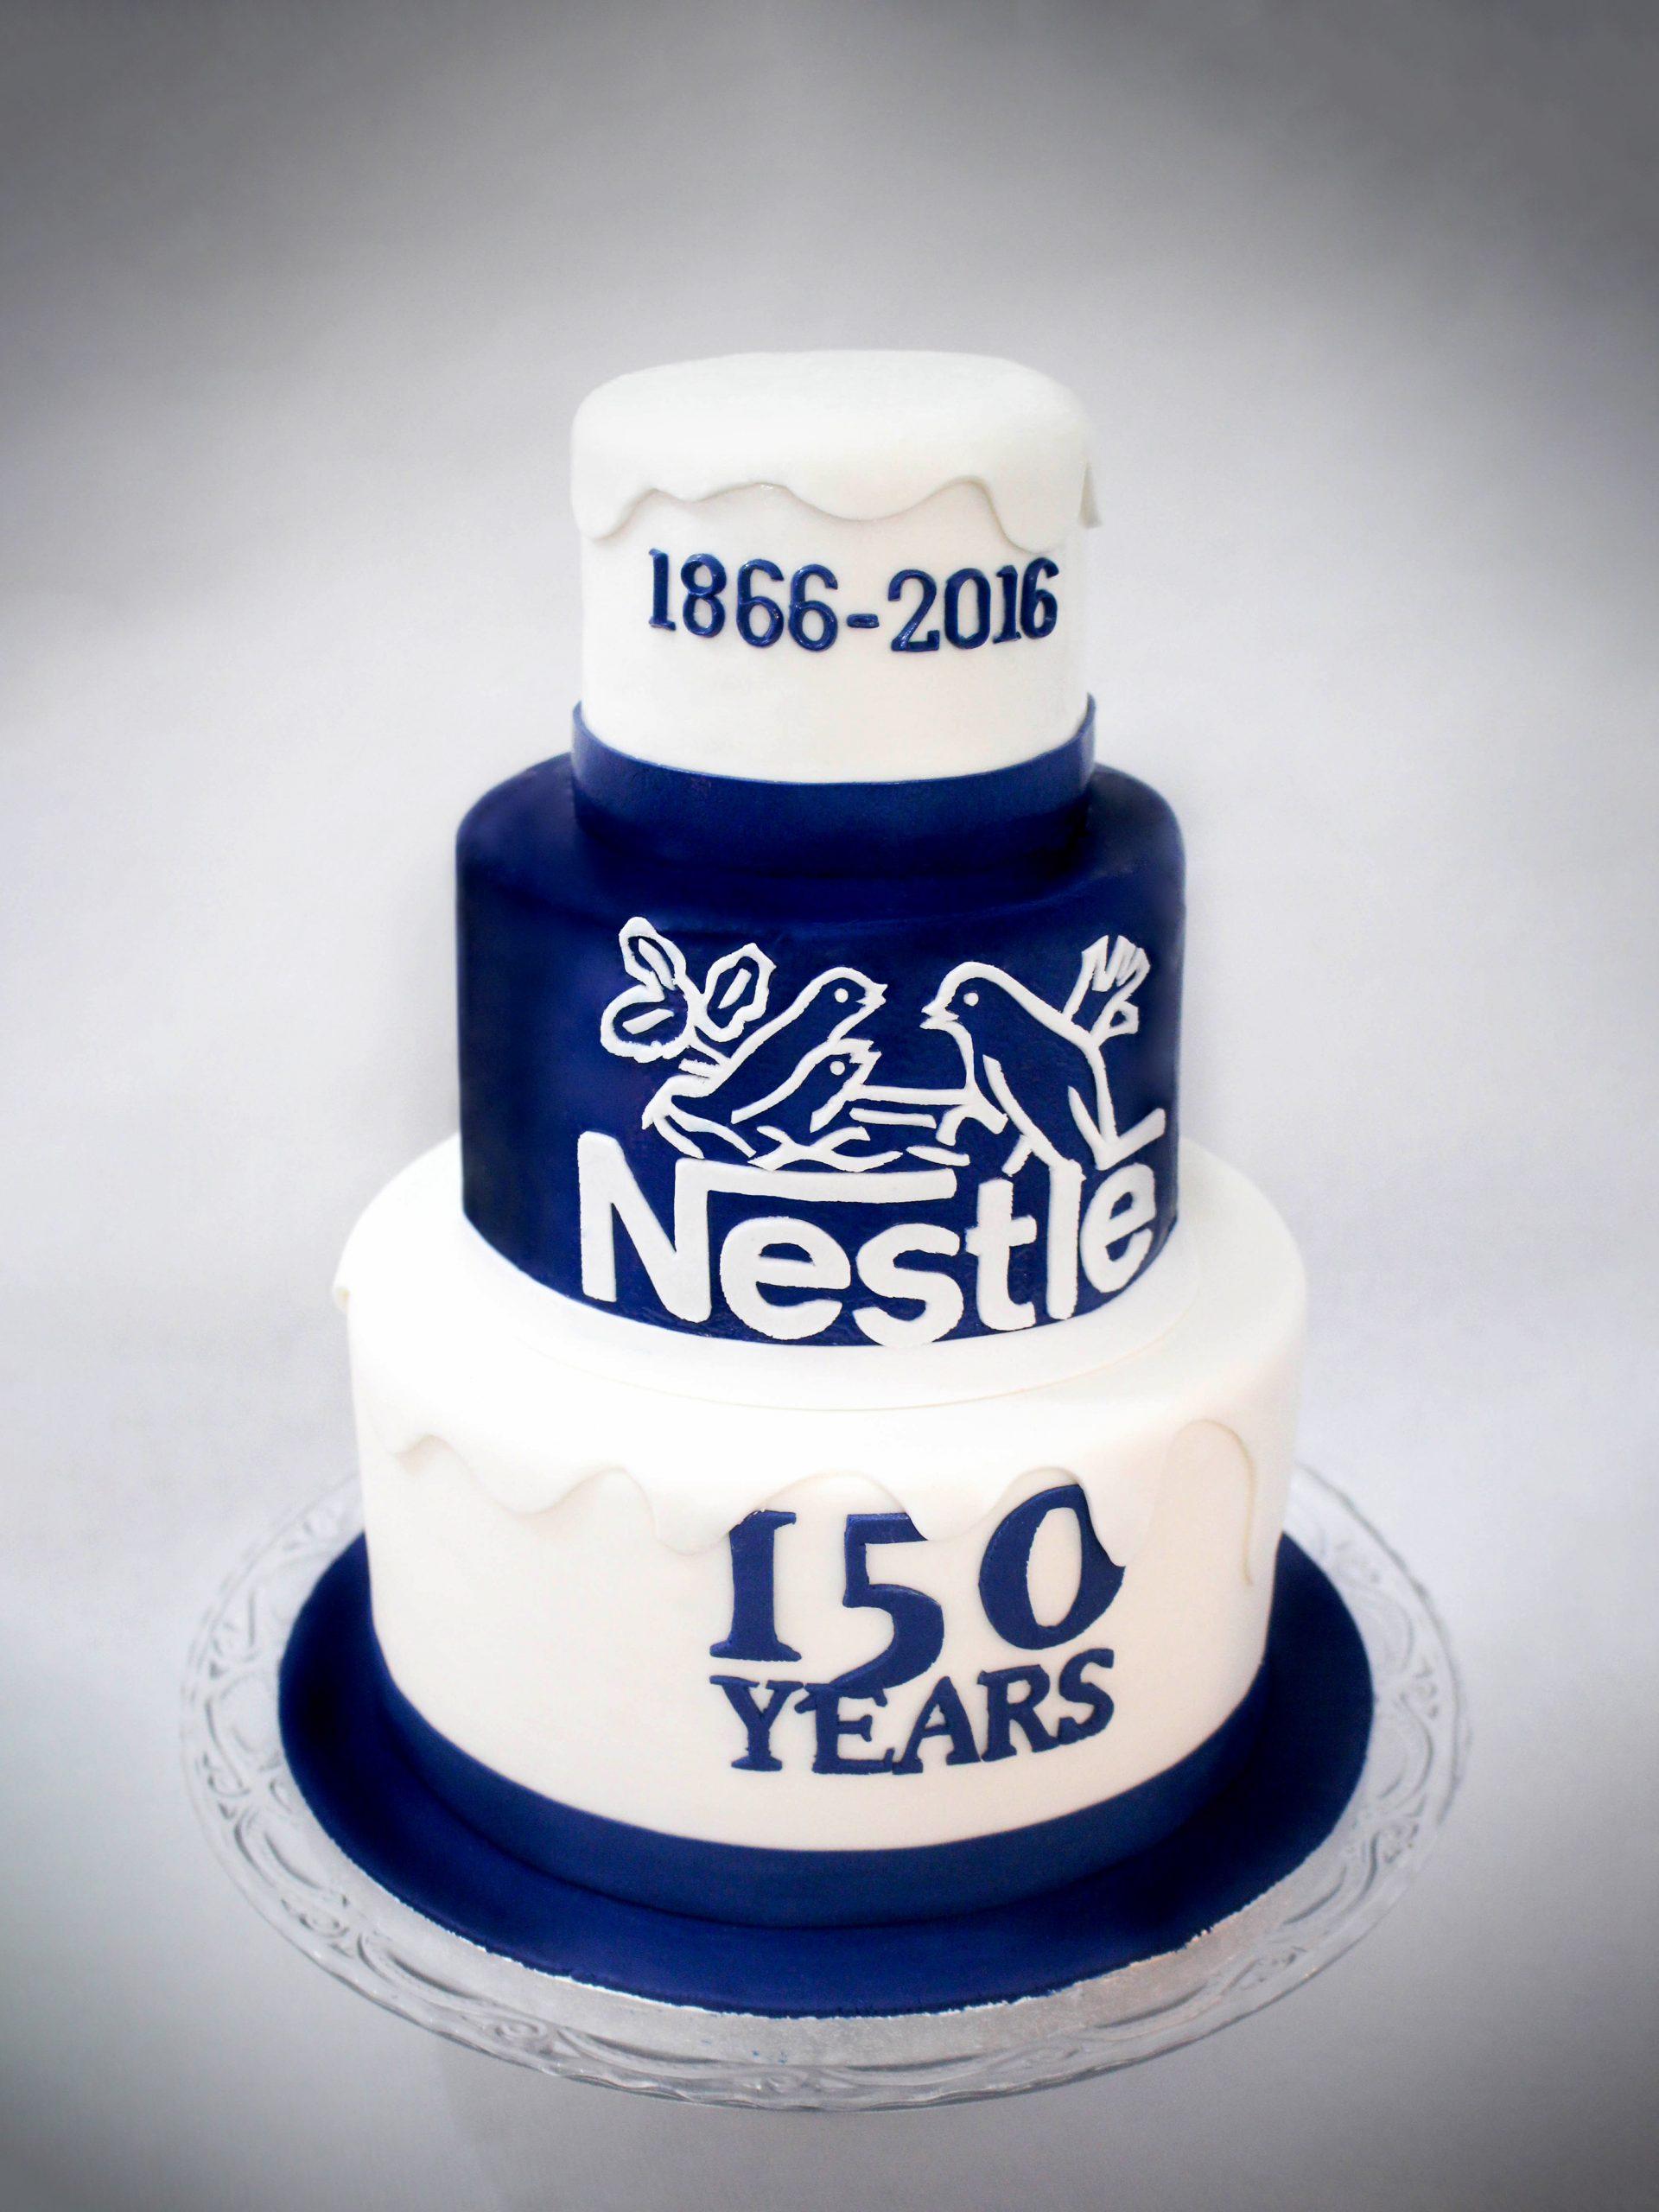 Anniversaire<br>Nestlé